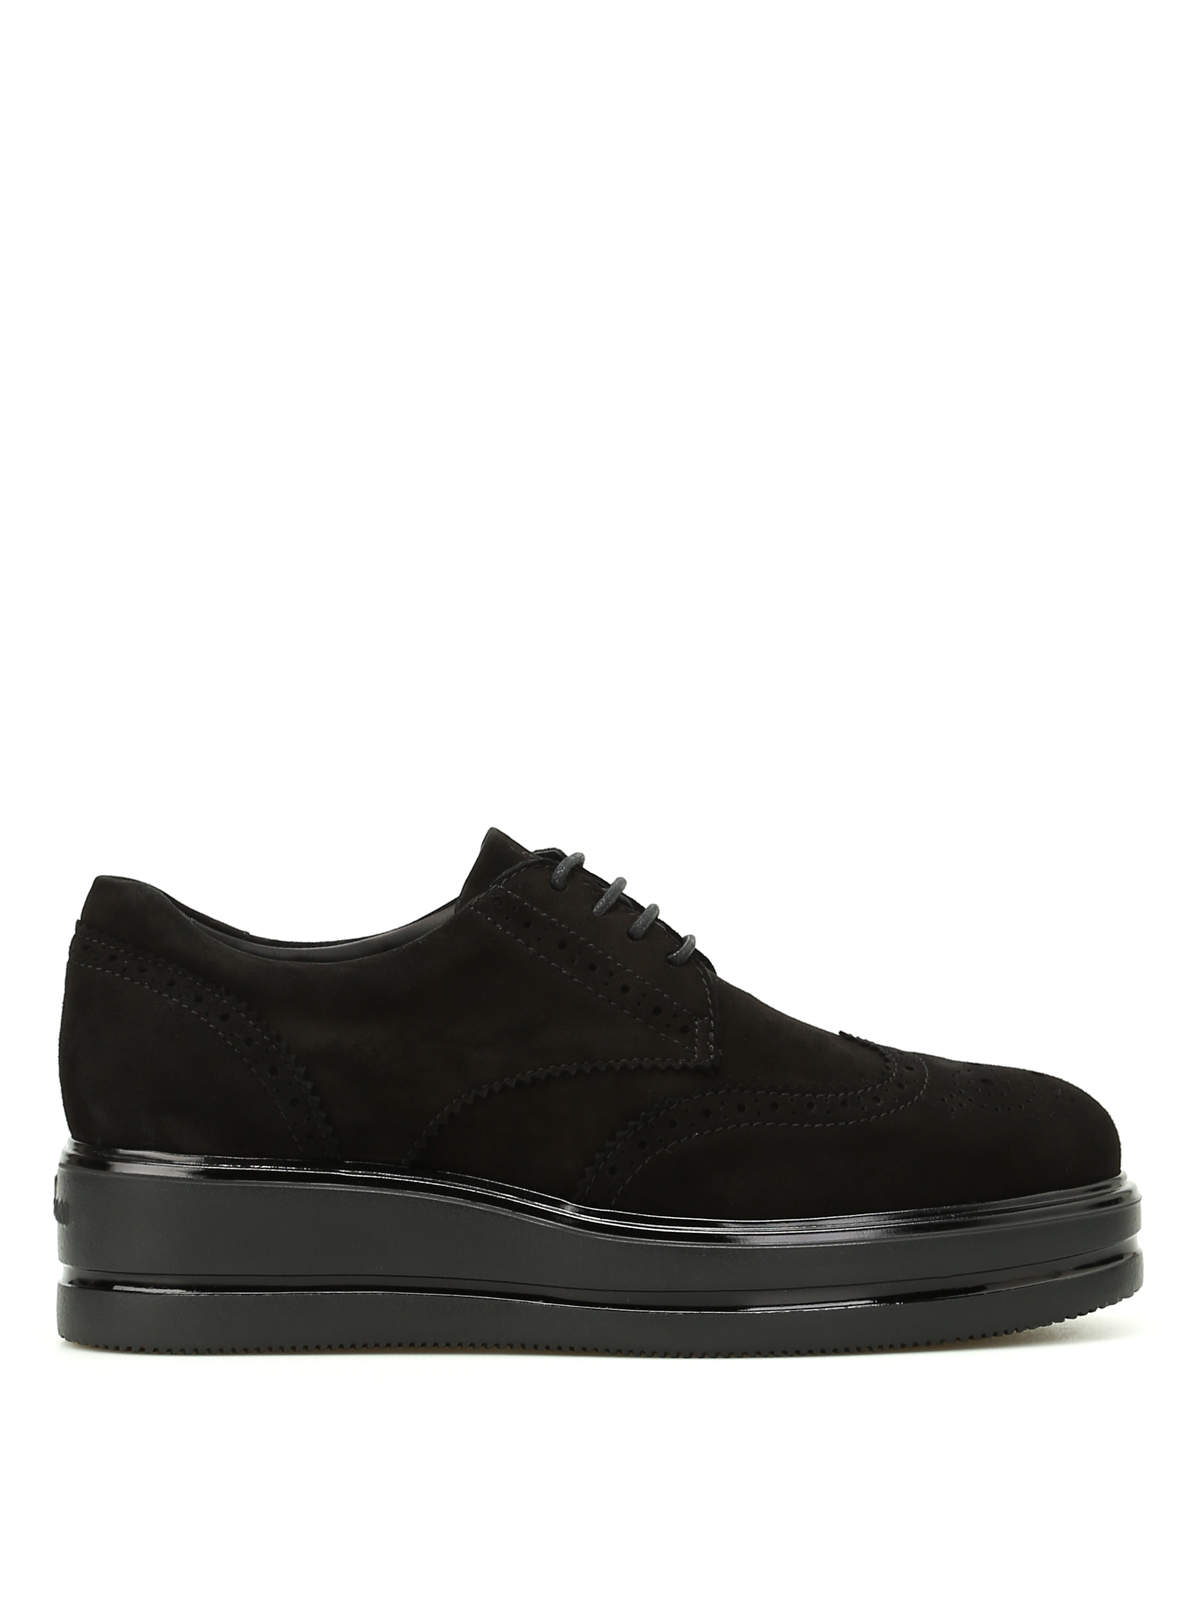 Lace-ups shoes Hogan - H323 suede Derby platform shoes ...